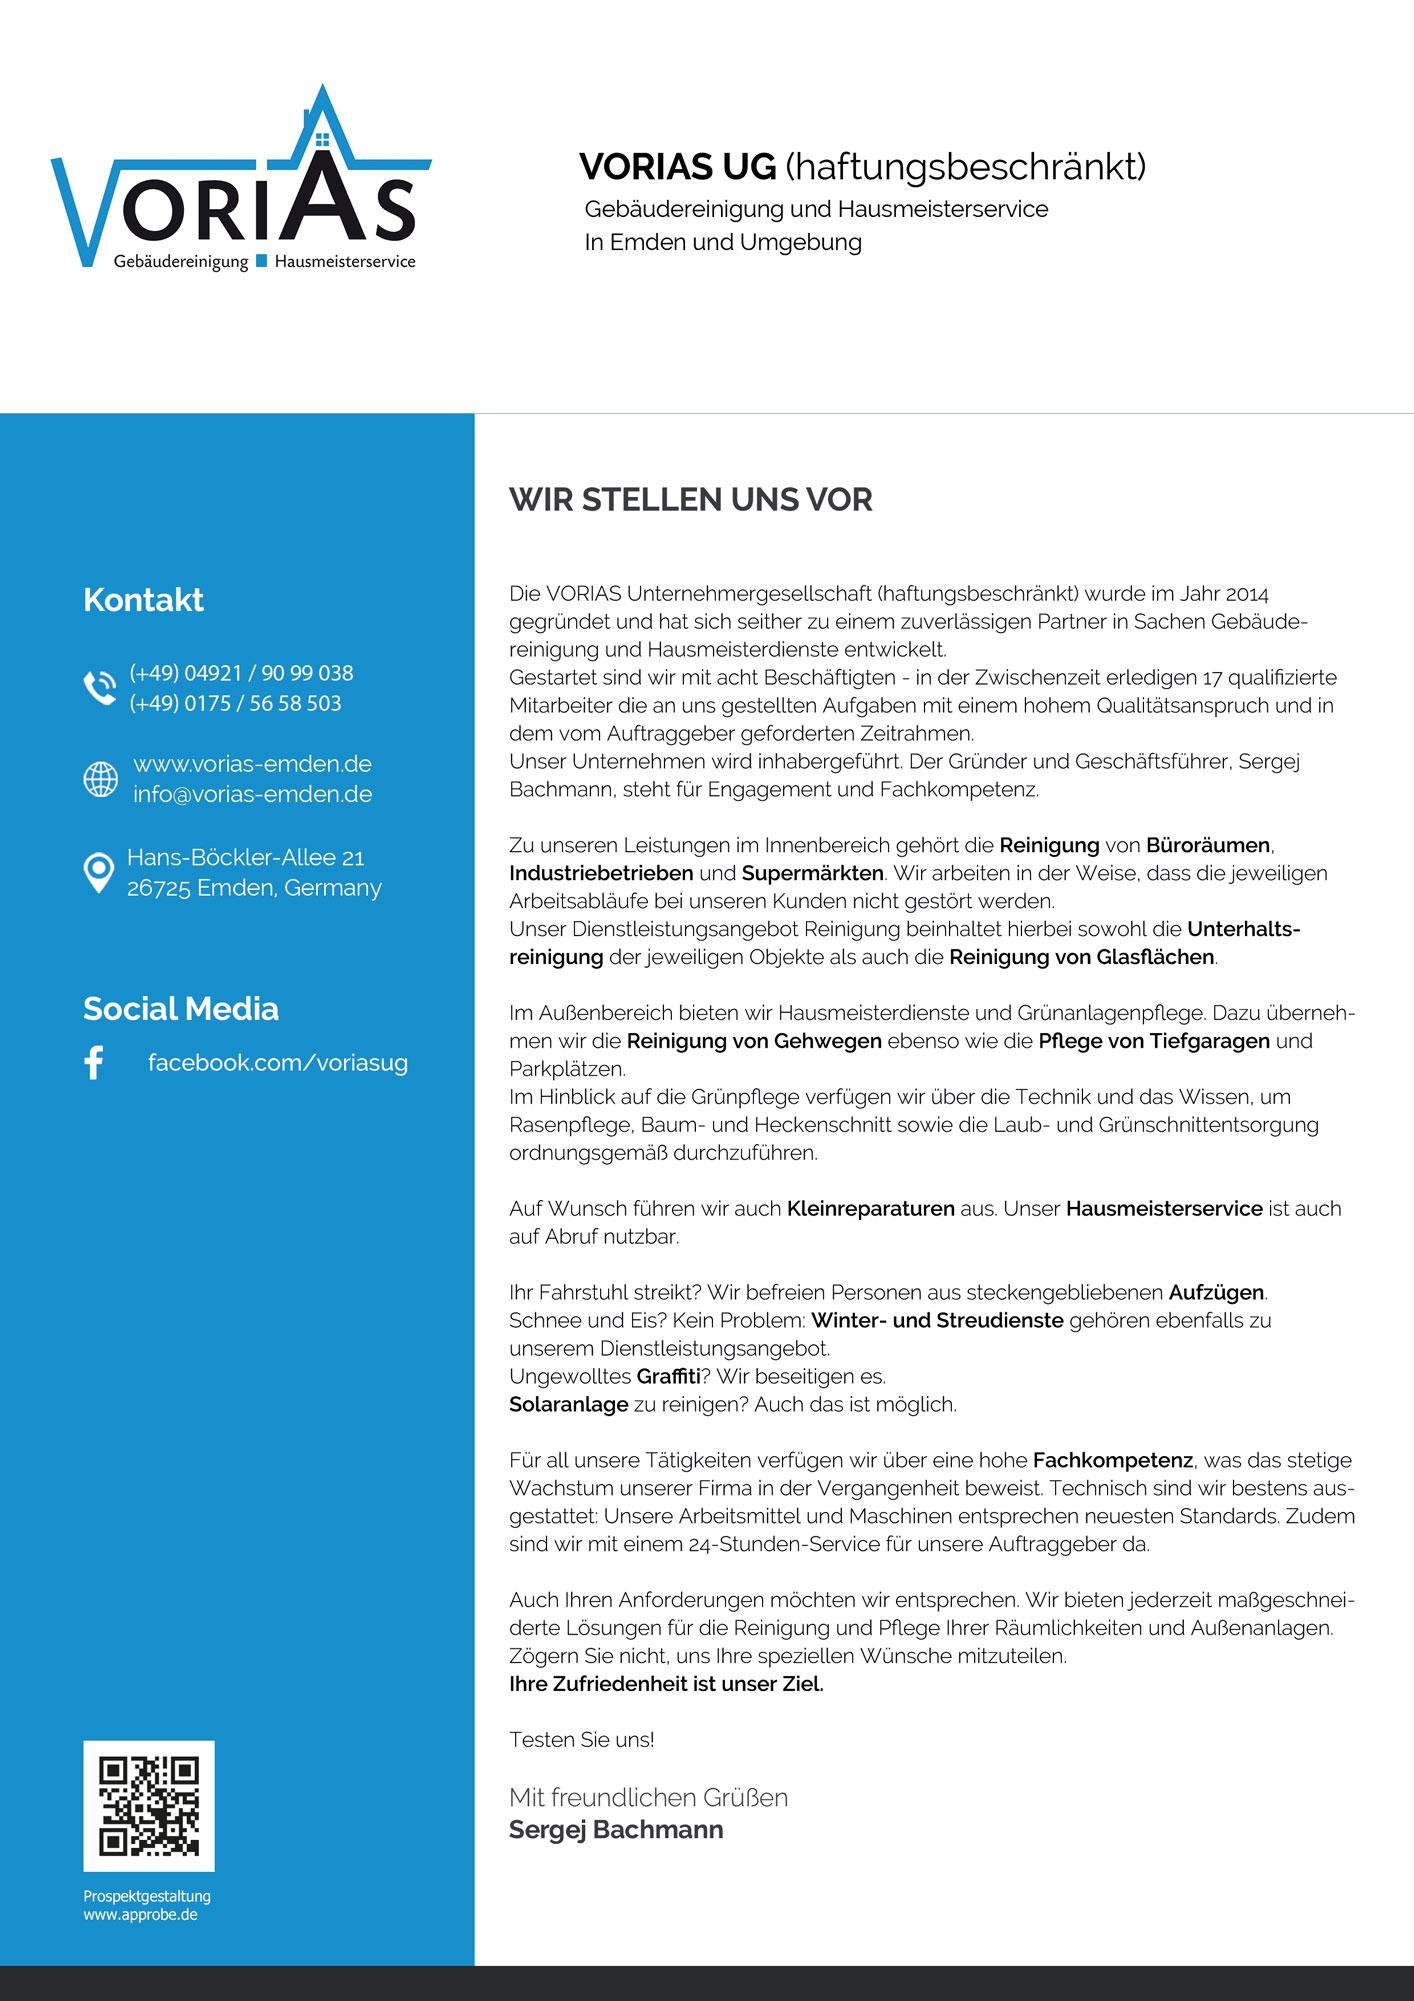 Gebäudereinigung und Hausmeisterdienst in Emden - Vorias GmbH